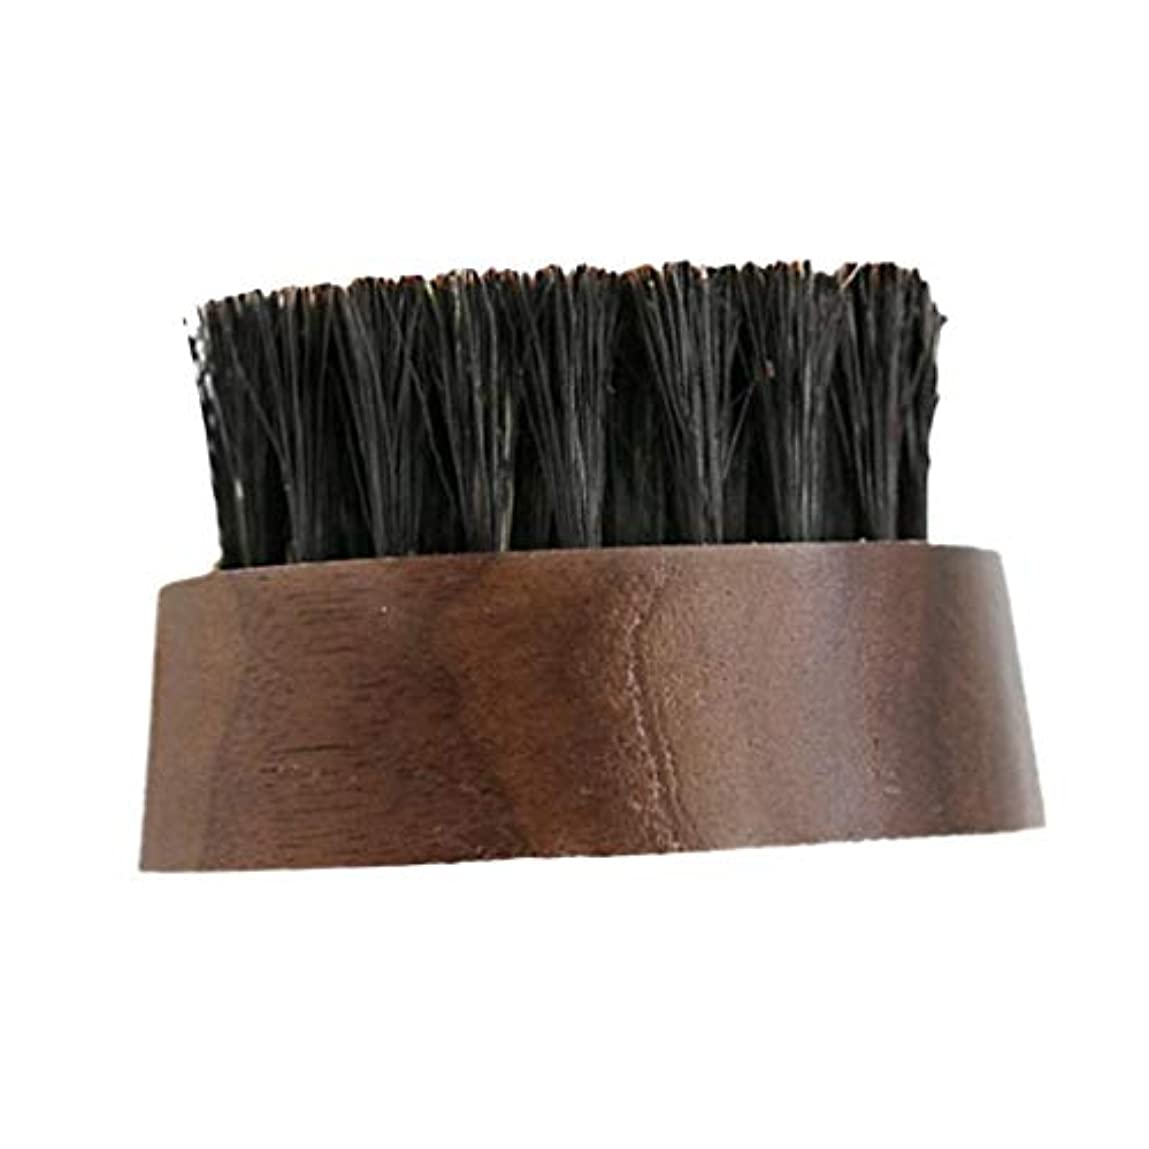 牽引頼る不明瞭dailymall 柔らかい毛ブラシシェービング木製ハンドル理髪ツール顔クリーナーブラシを剃る男性 - 褐色, 説明したように